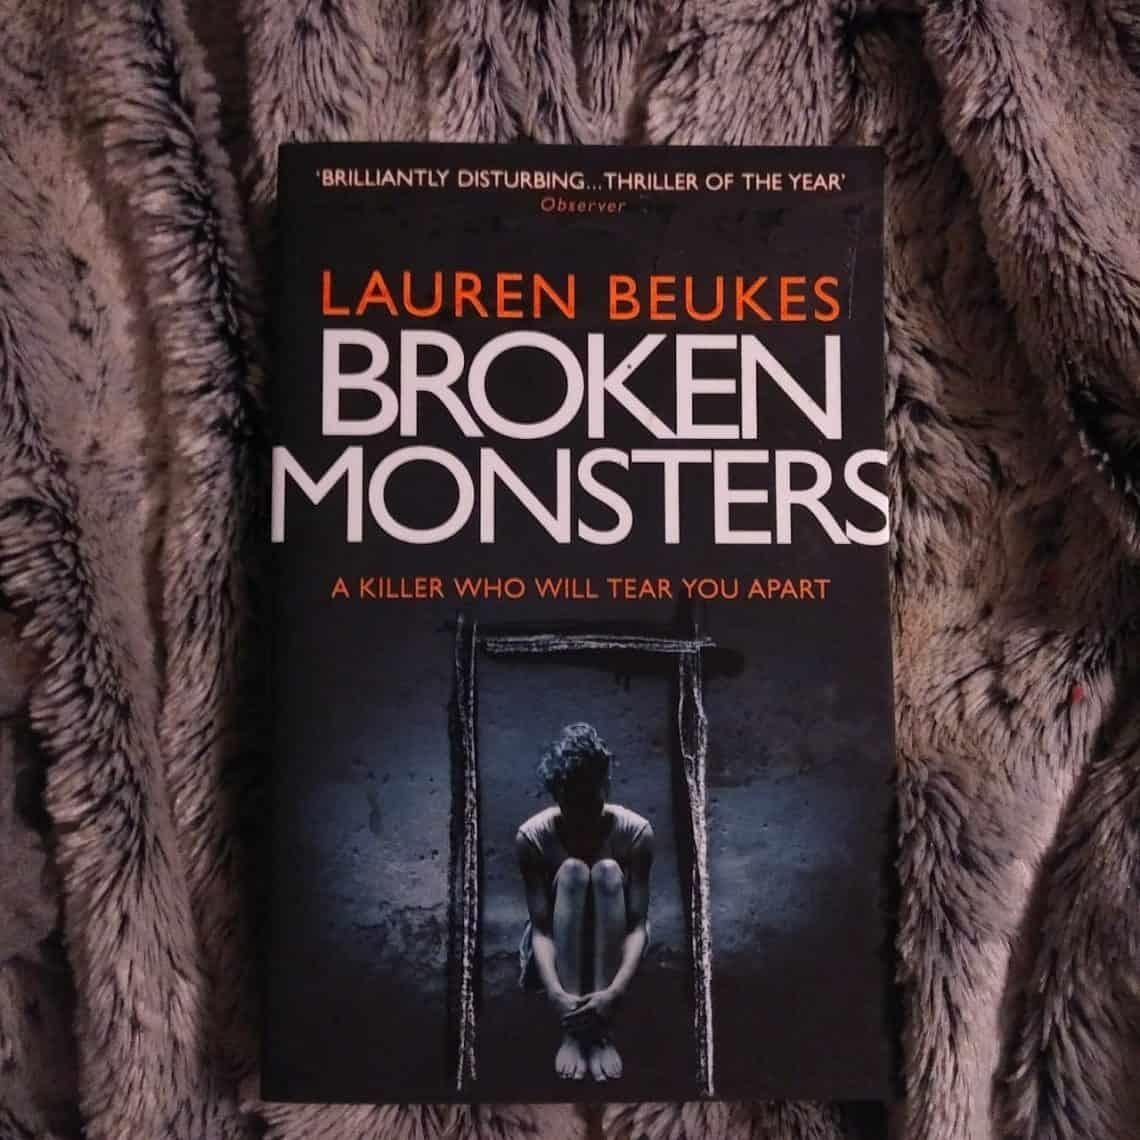 Broken Monsters Audiobook Free